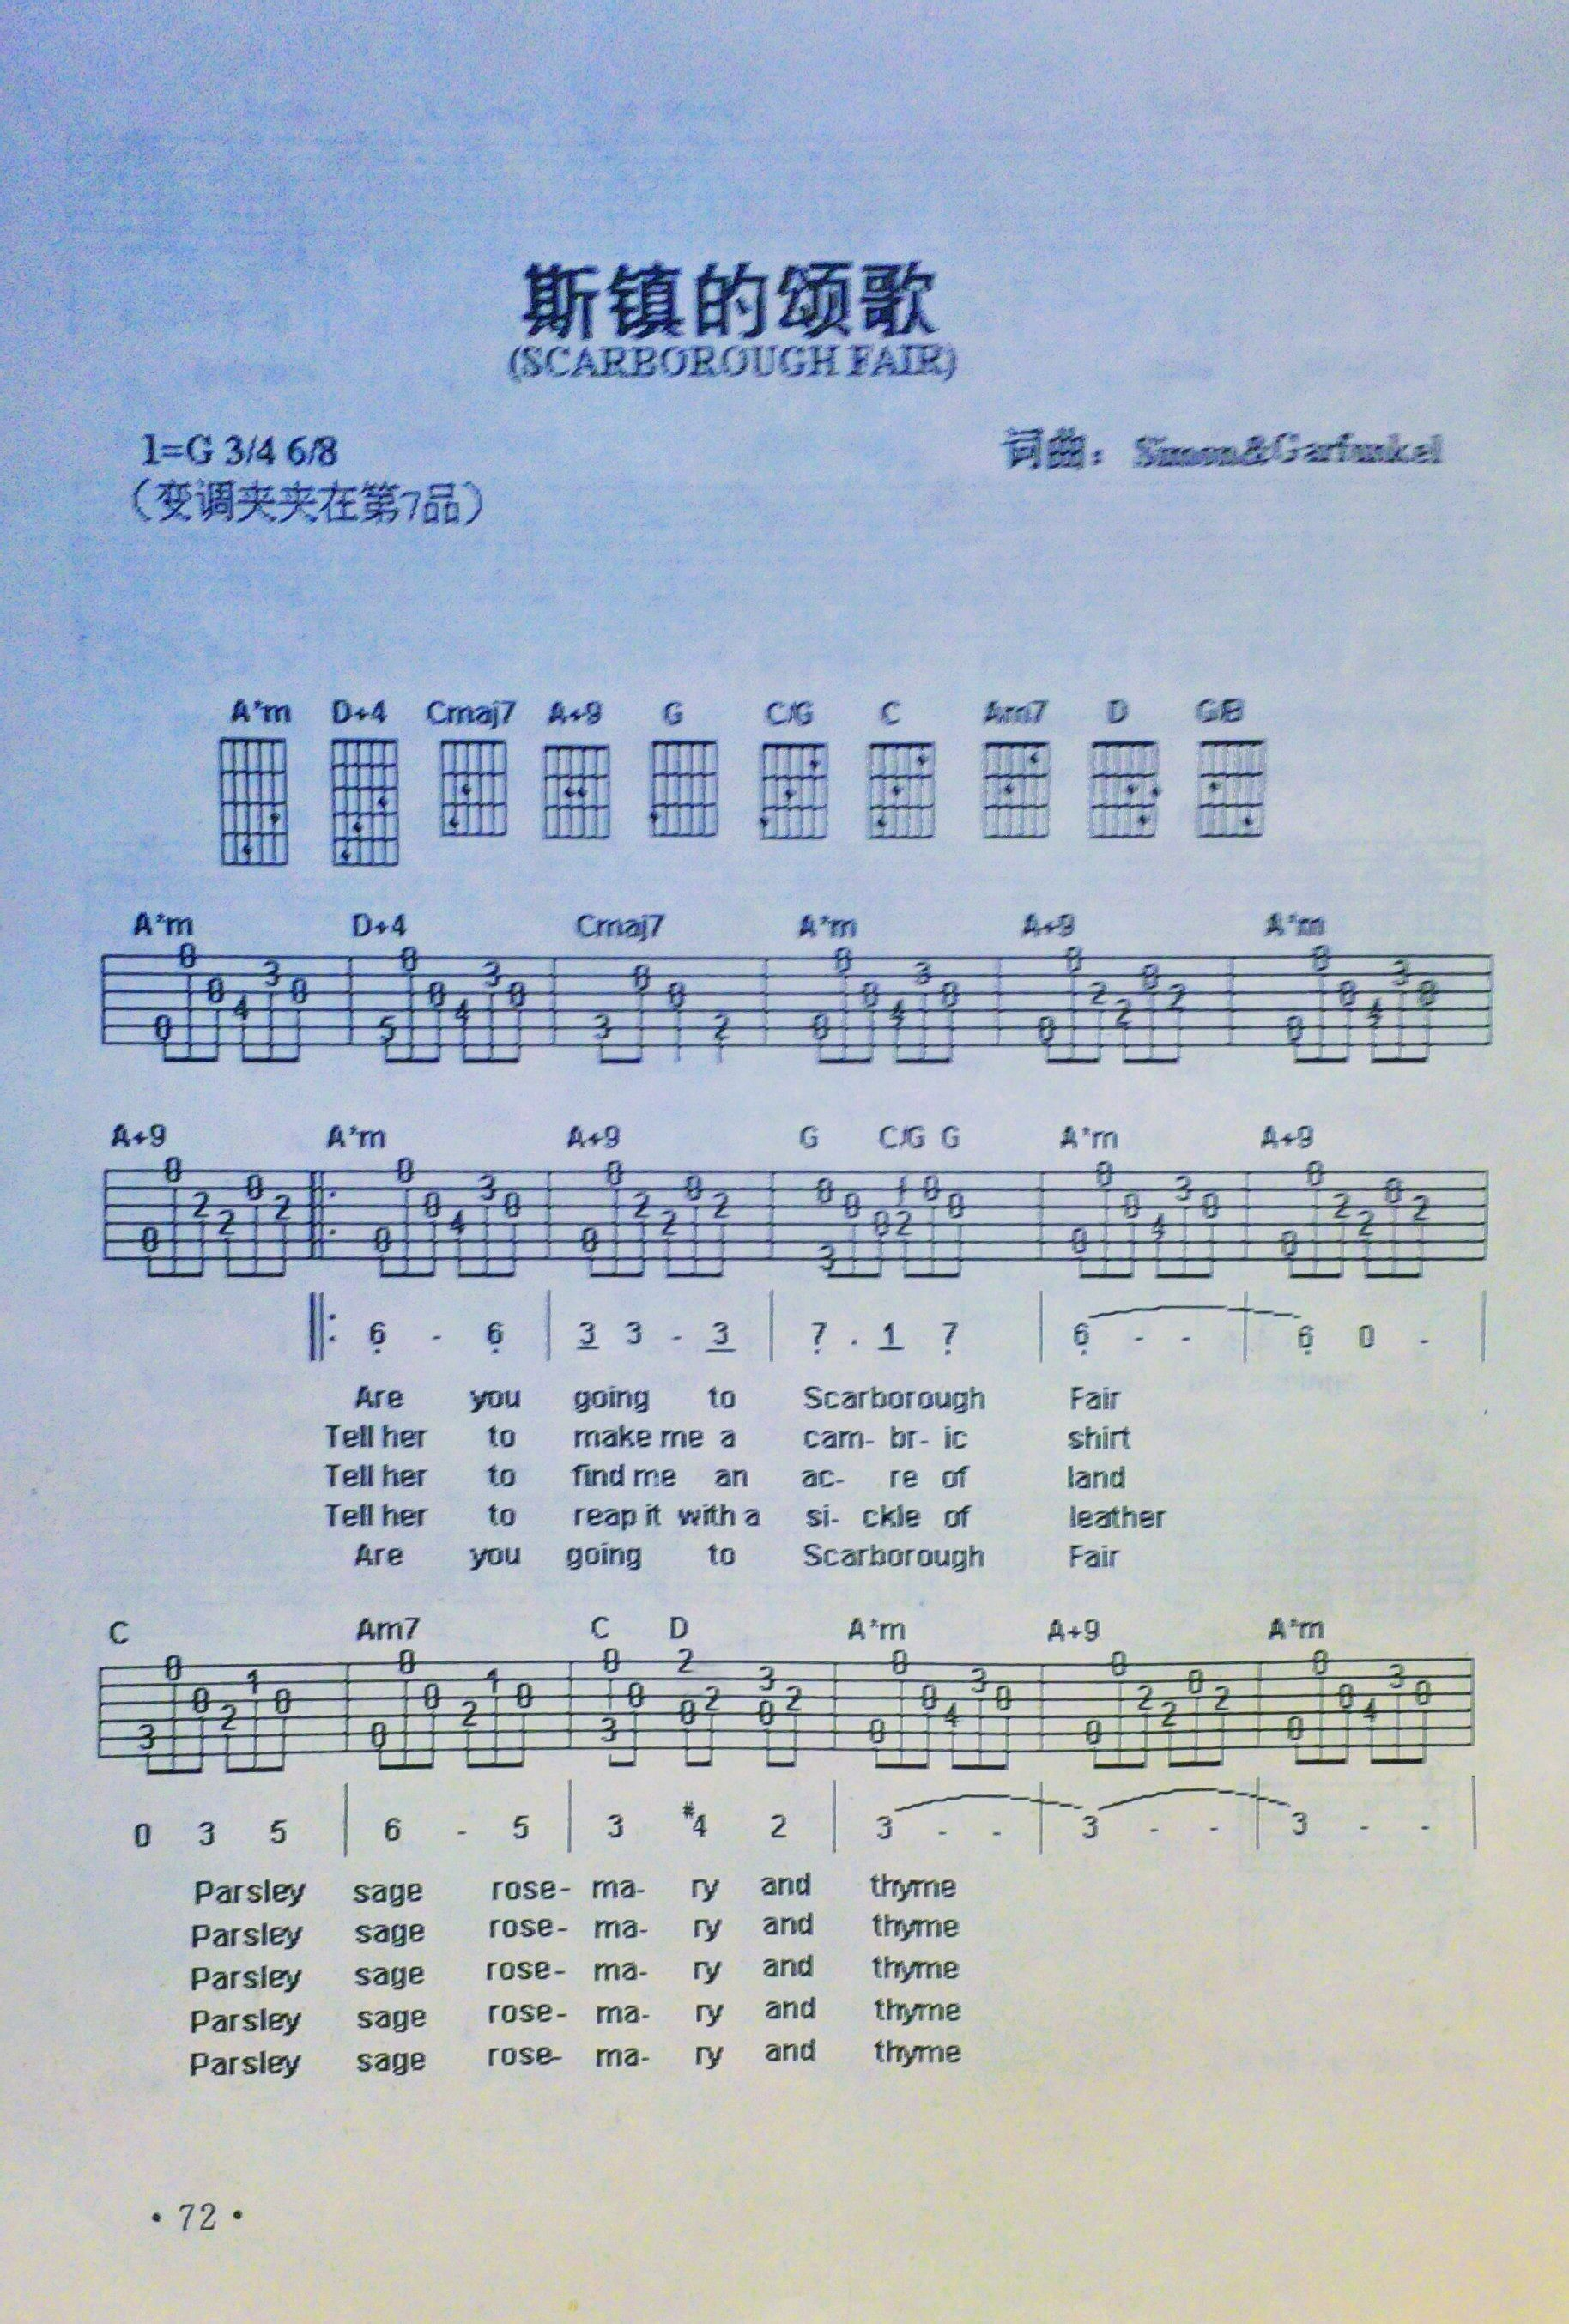 谁有斯卡布罗集市的吉他谱?而且再要一份有中英译文的图片